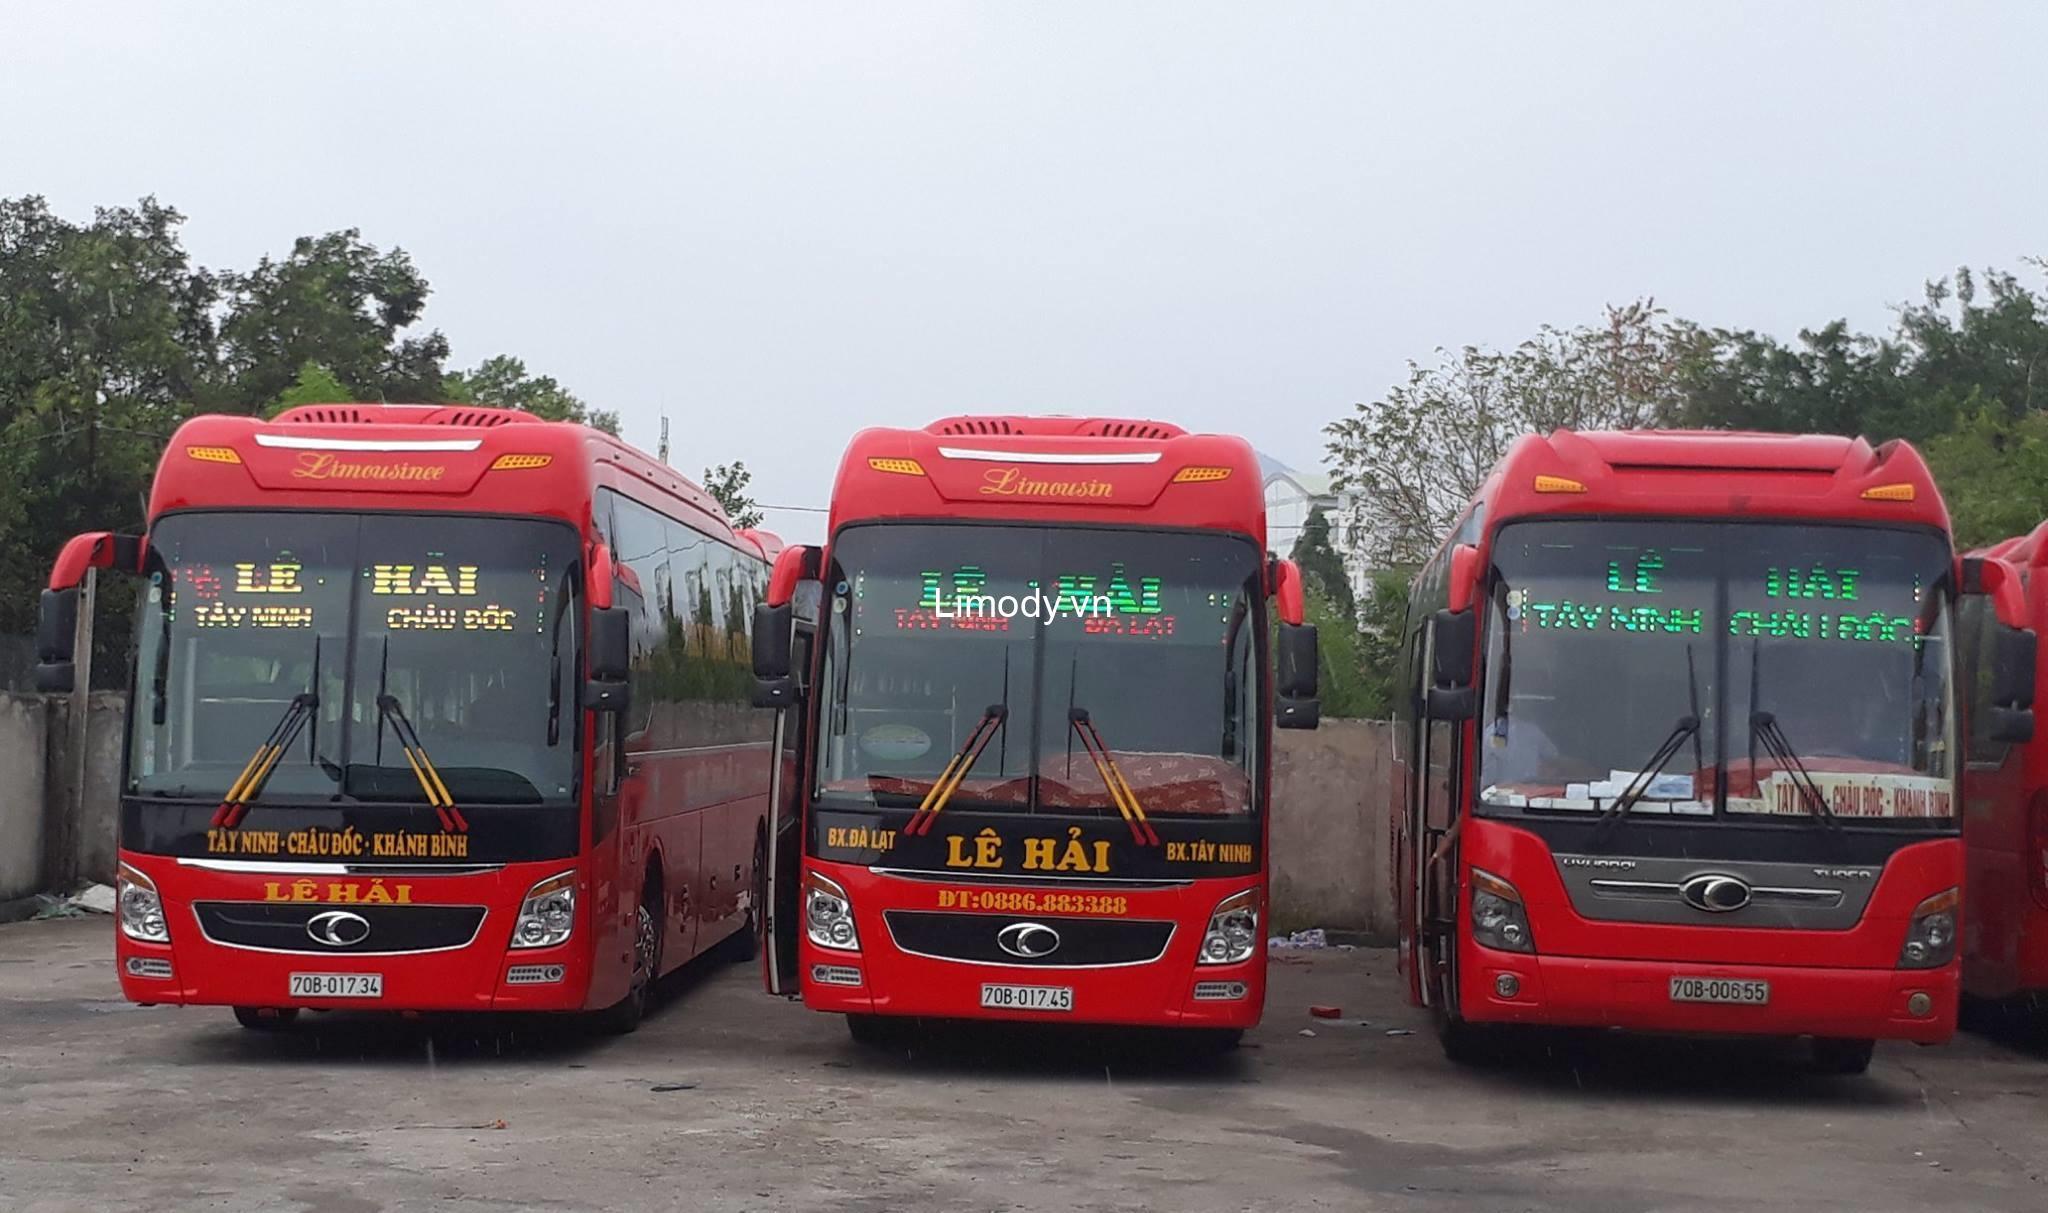 Top 2 Nhà xe Tây Ninh đi Đà Lạt chất lượng cao giá rẻ nên đặt vé